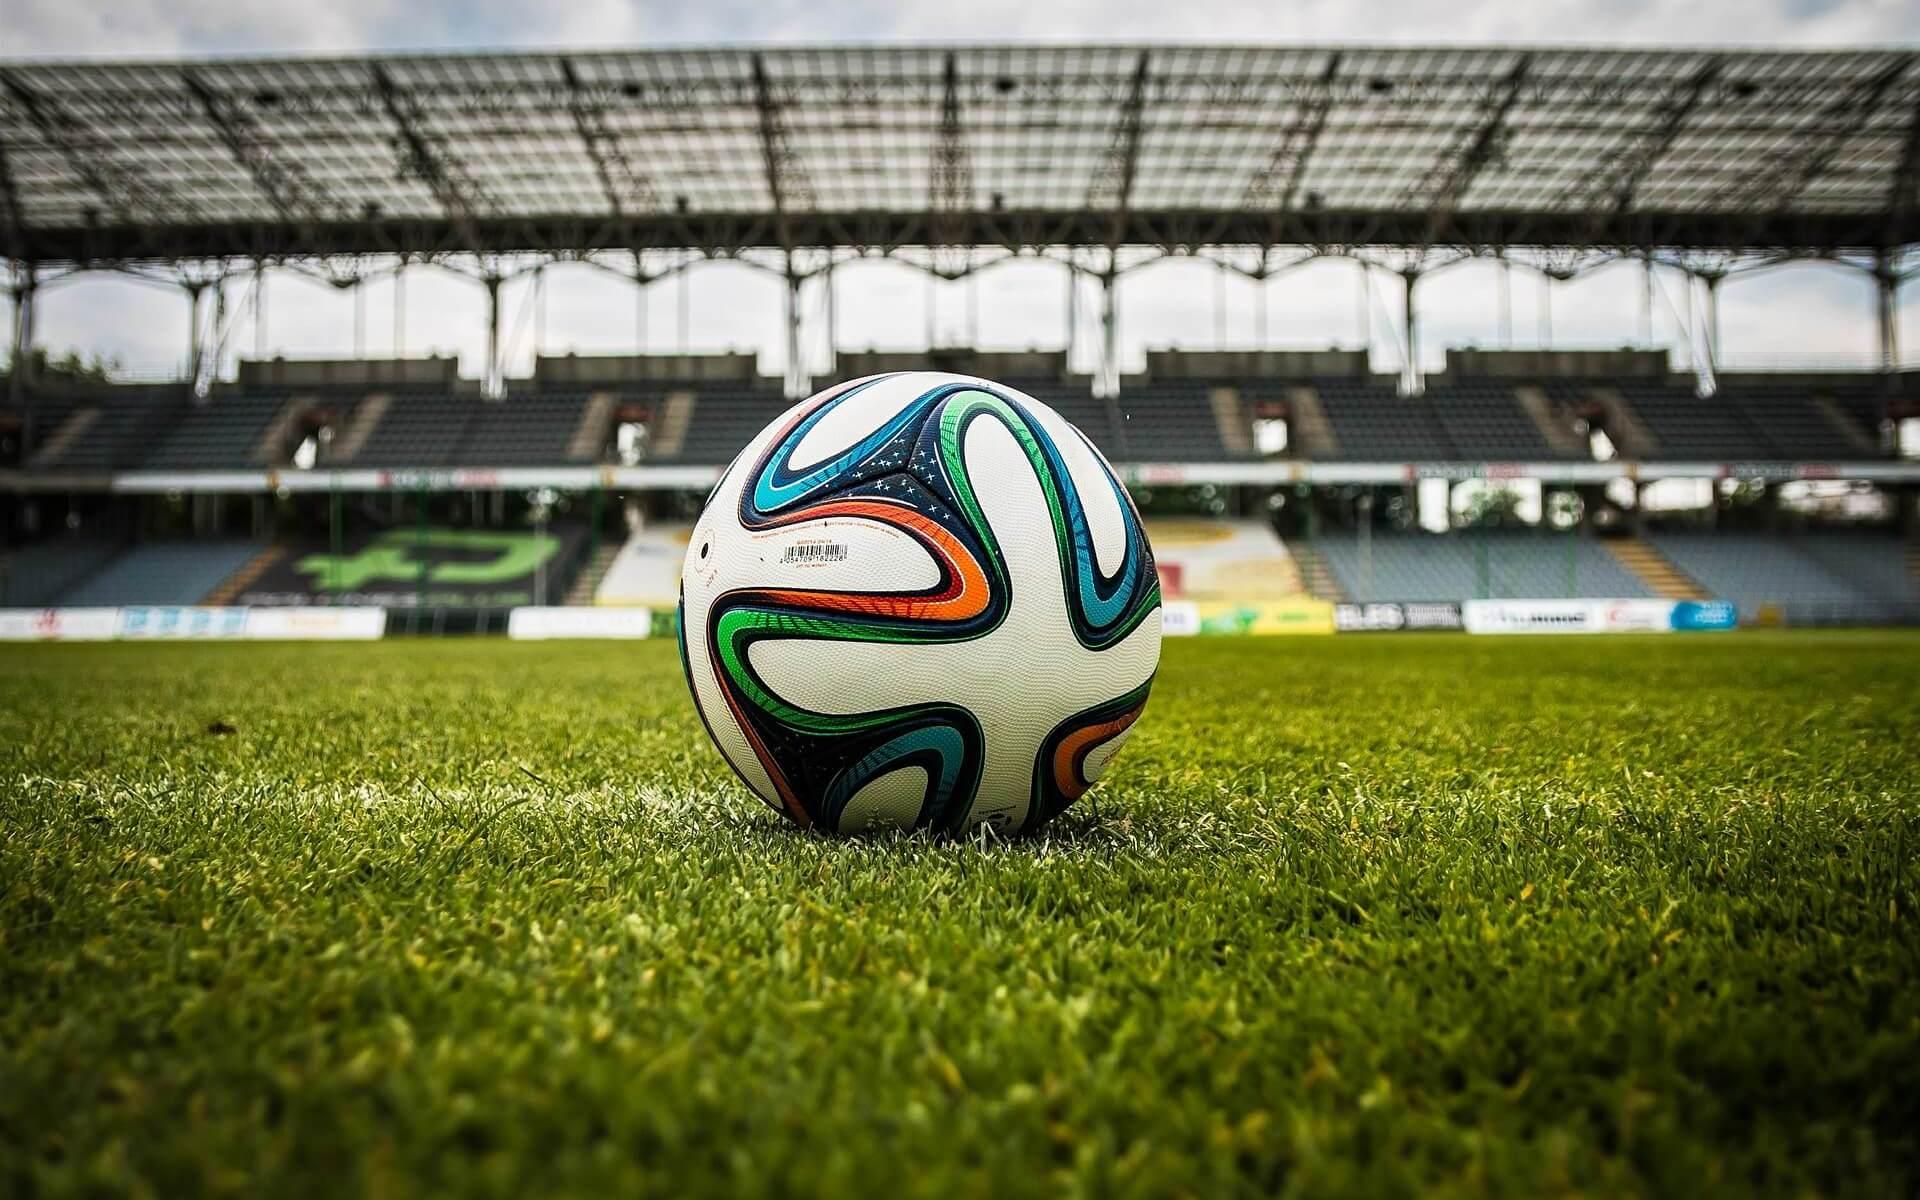 Fussball im Stadion